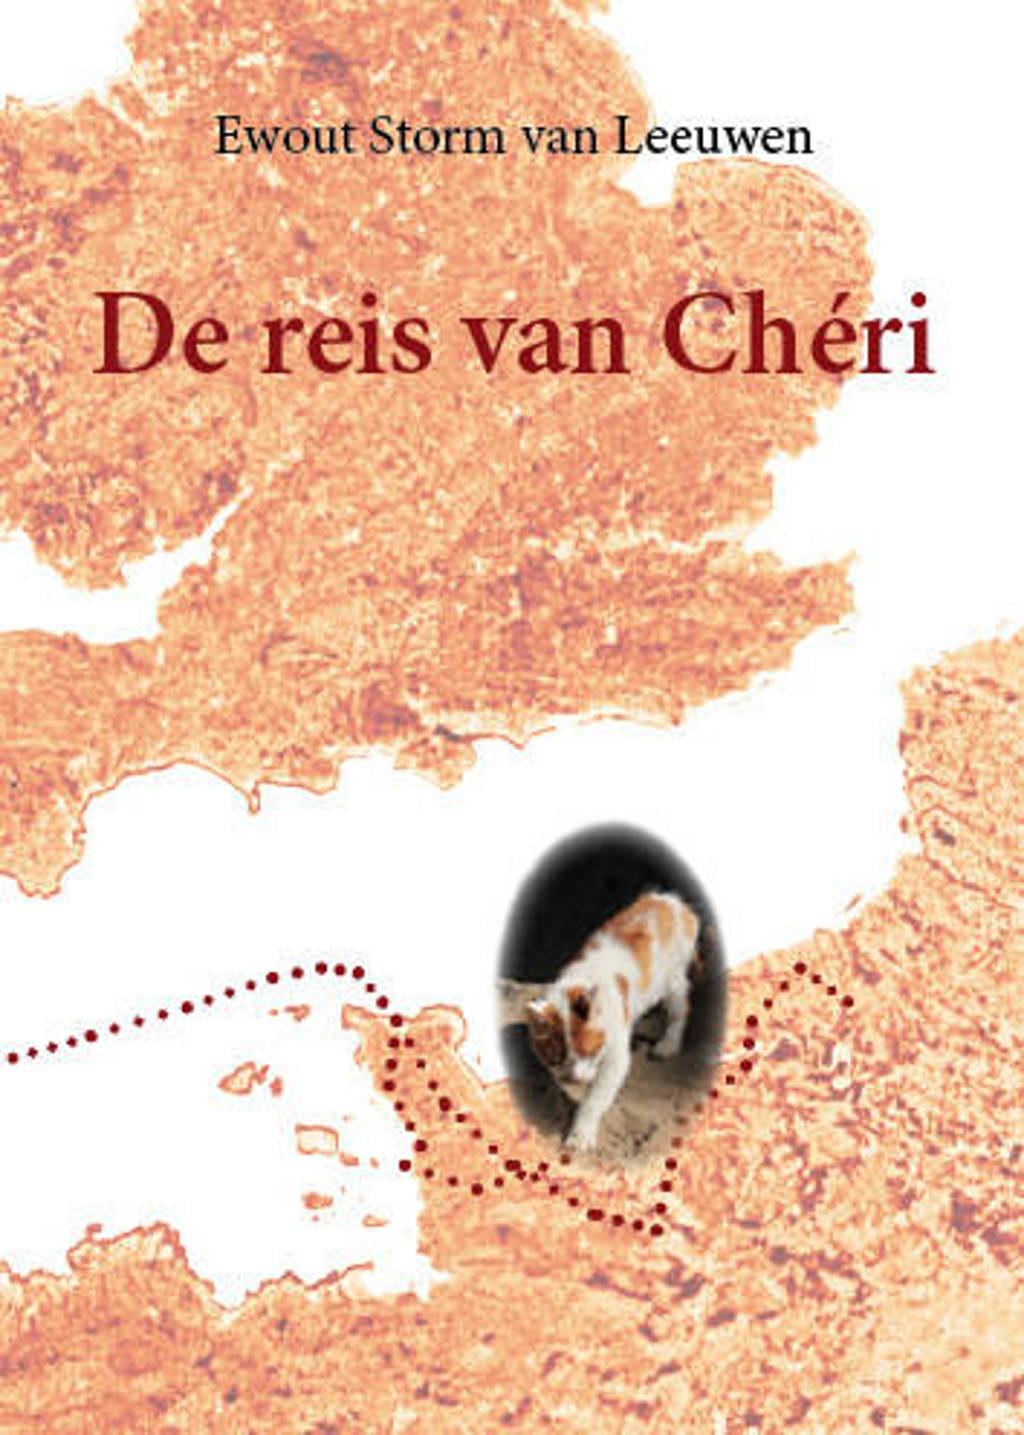 De reis van Chéri - Ewout Storm van Leeuwen